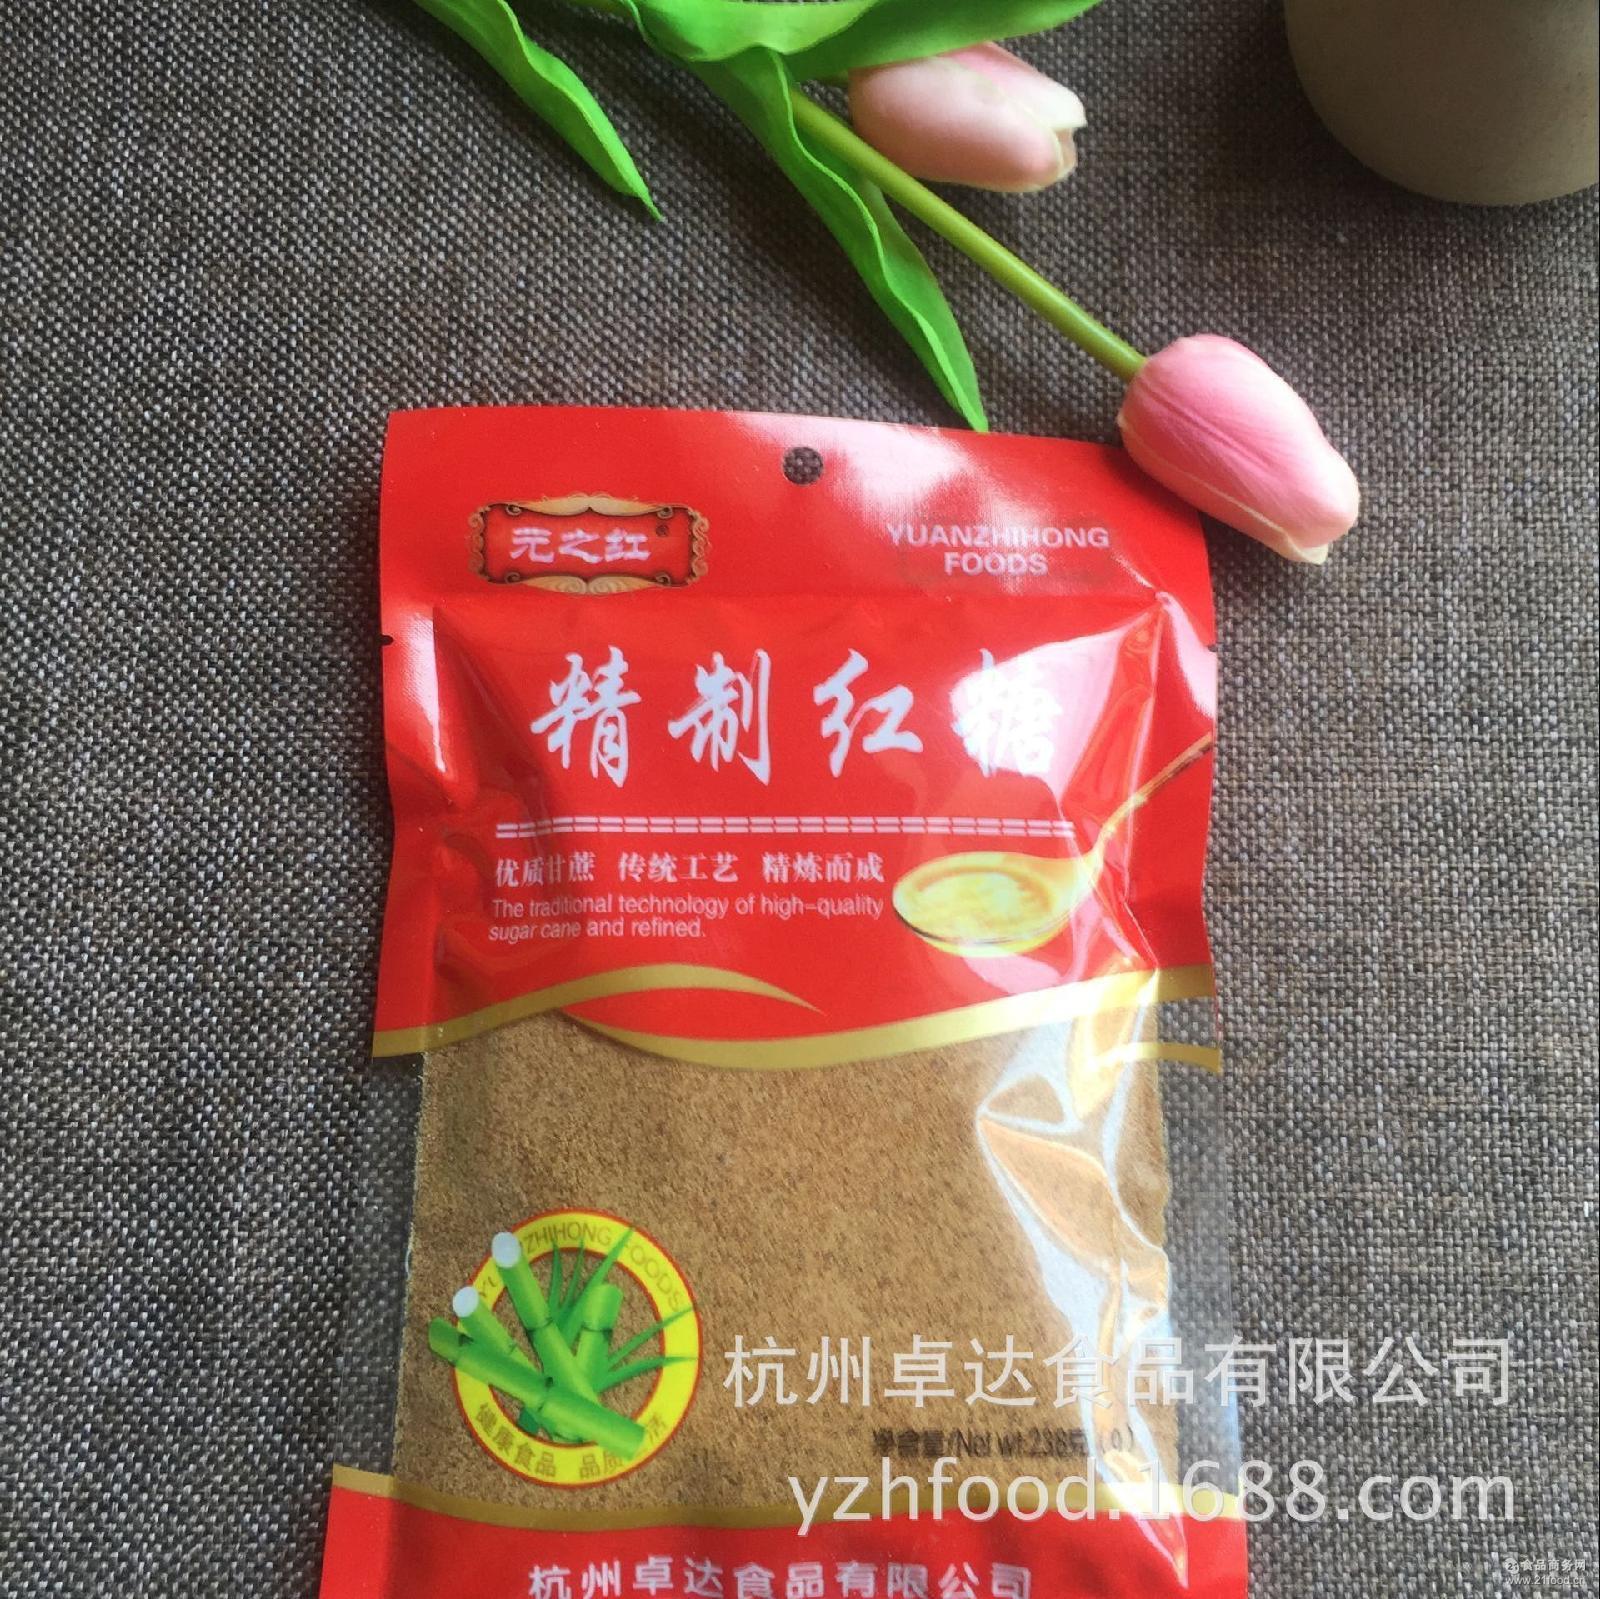 中小超市*红糖食用甘蔗糖袋装冲饮品厨房调味煲汤炖煮*238g